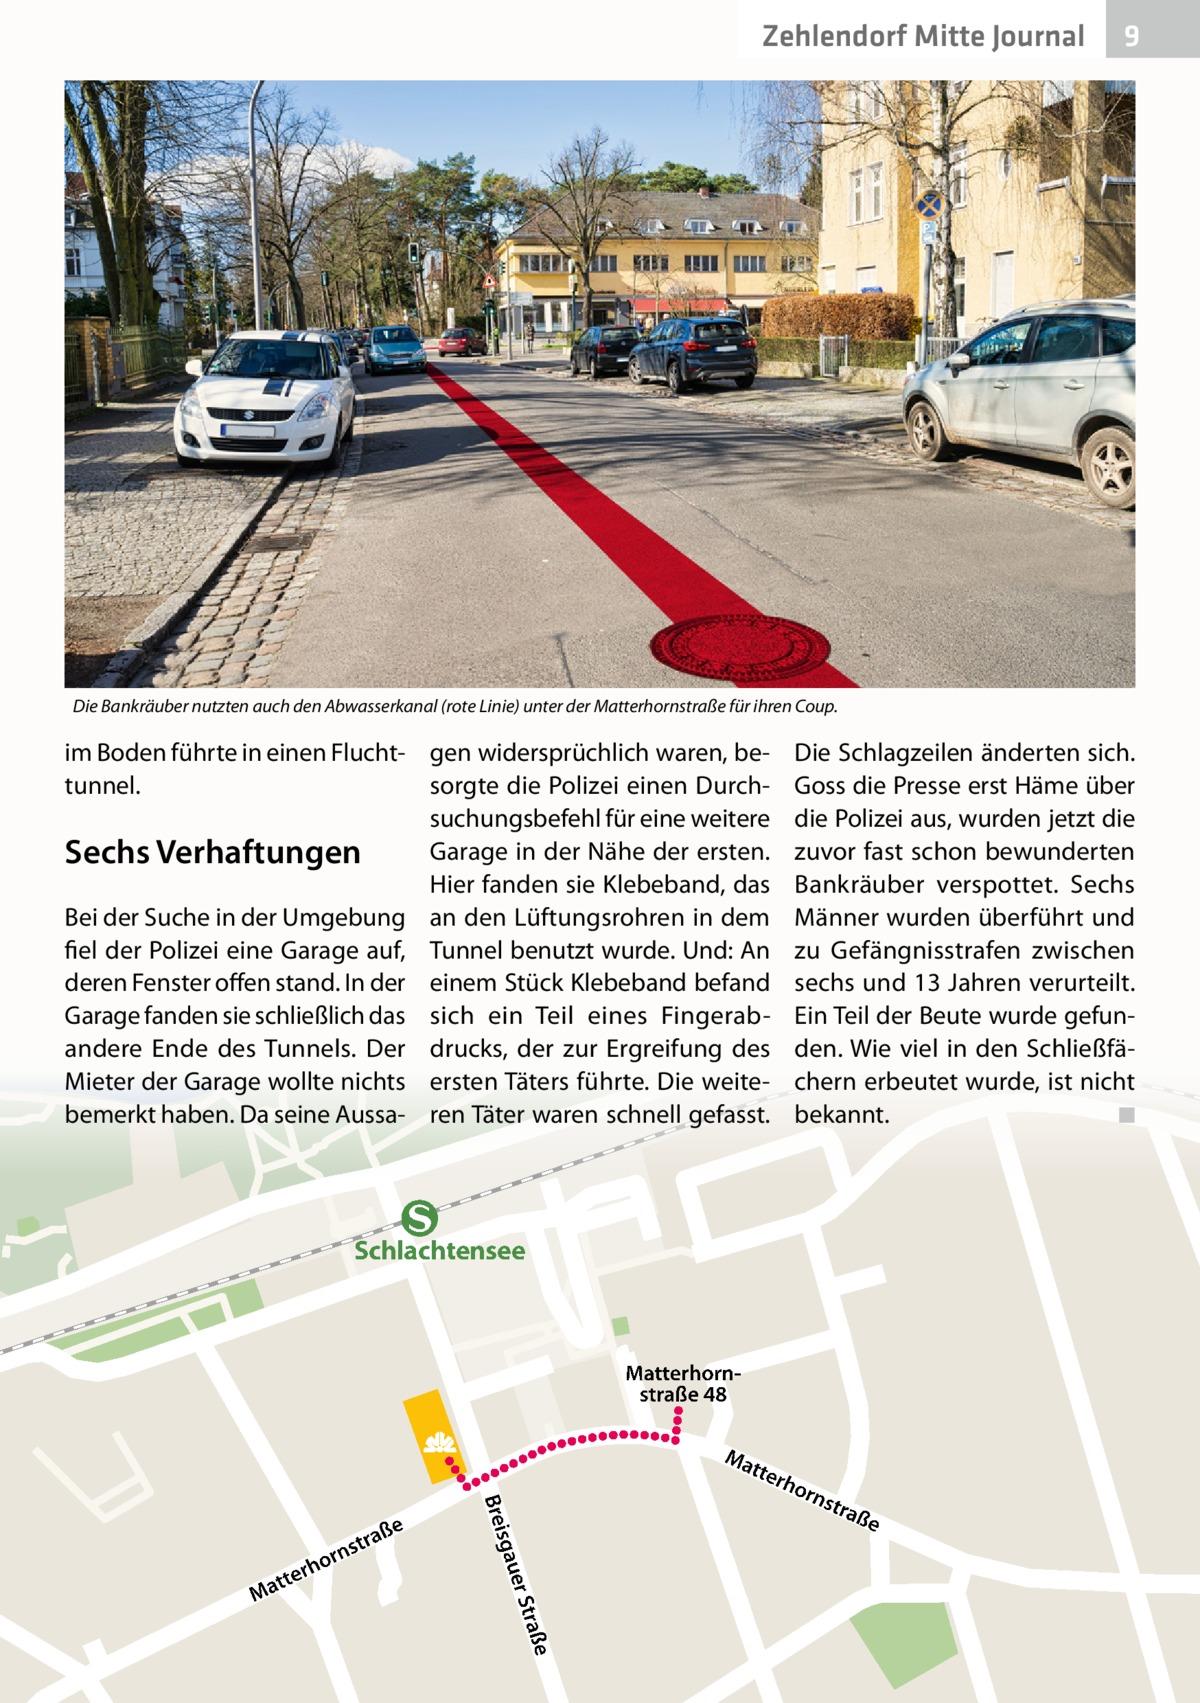 Zehlendorf Mitte Journal  9  Die Bankräuber nutzten auch den Abwasserkanal (rote Linie) unter der Matterhornstraße für ihren Coup.  im Boden führte in einen Flucht- gen widersprüchlich waren, betunnel. sorgte die Polizei einen Durchsuchungsbefehl für eine weitere Garage in der Nähe der ersten. Sechs Verhaftungen Hier fanden sie Klebeband, das Bei der Suche in der Umgebung an den Lüftungsrohren in dem fiel der Polizei eine Garage auf, Tunnel benutzt wurde. Und: An deren Fenster offen stand. In der einem Stück Klebeband befand Garage fanden sie schließlich das sich ein Teil eines Fingerabandere Ende des Tunnels. Der drucks, der zur Ergreifung des Mieter der Garage wollte nichts ersten Täters führte. Die weitebemerkt haben. Da seine Aussa- ren Täter waren schnell gefasst.  Die Schlagzeilen änderten sich. Goss die Presse erst Häme über die Polizei aus, wurden jetzt die zuvor fast schon bewunderten Bankräuber verspottet. Sechs Männer wurden überführt und zu Gefängnisstrafen zwischen sechs und 13Jahren verurteilt. Ein Teil der Beute wurde gefunden. Wie viel in den Schließfächern erbeutet wurde, ist nicht bekannt. ◾  Schlachtensee  Matterhornstraße 48 Ma tte  sgau  Brei raße er St  tte Ma  r  n hor  ße stra  rho  rns  tra  ße